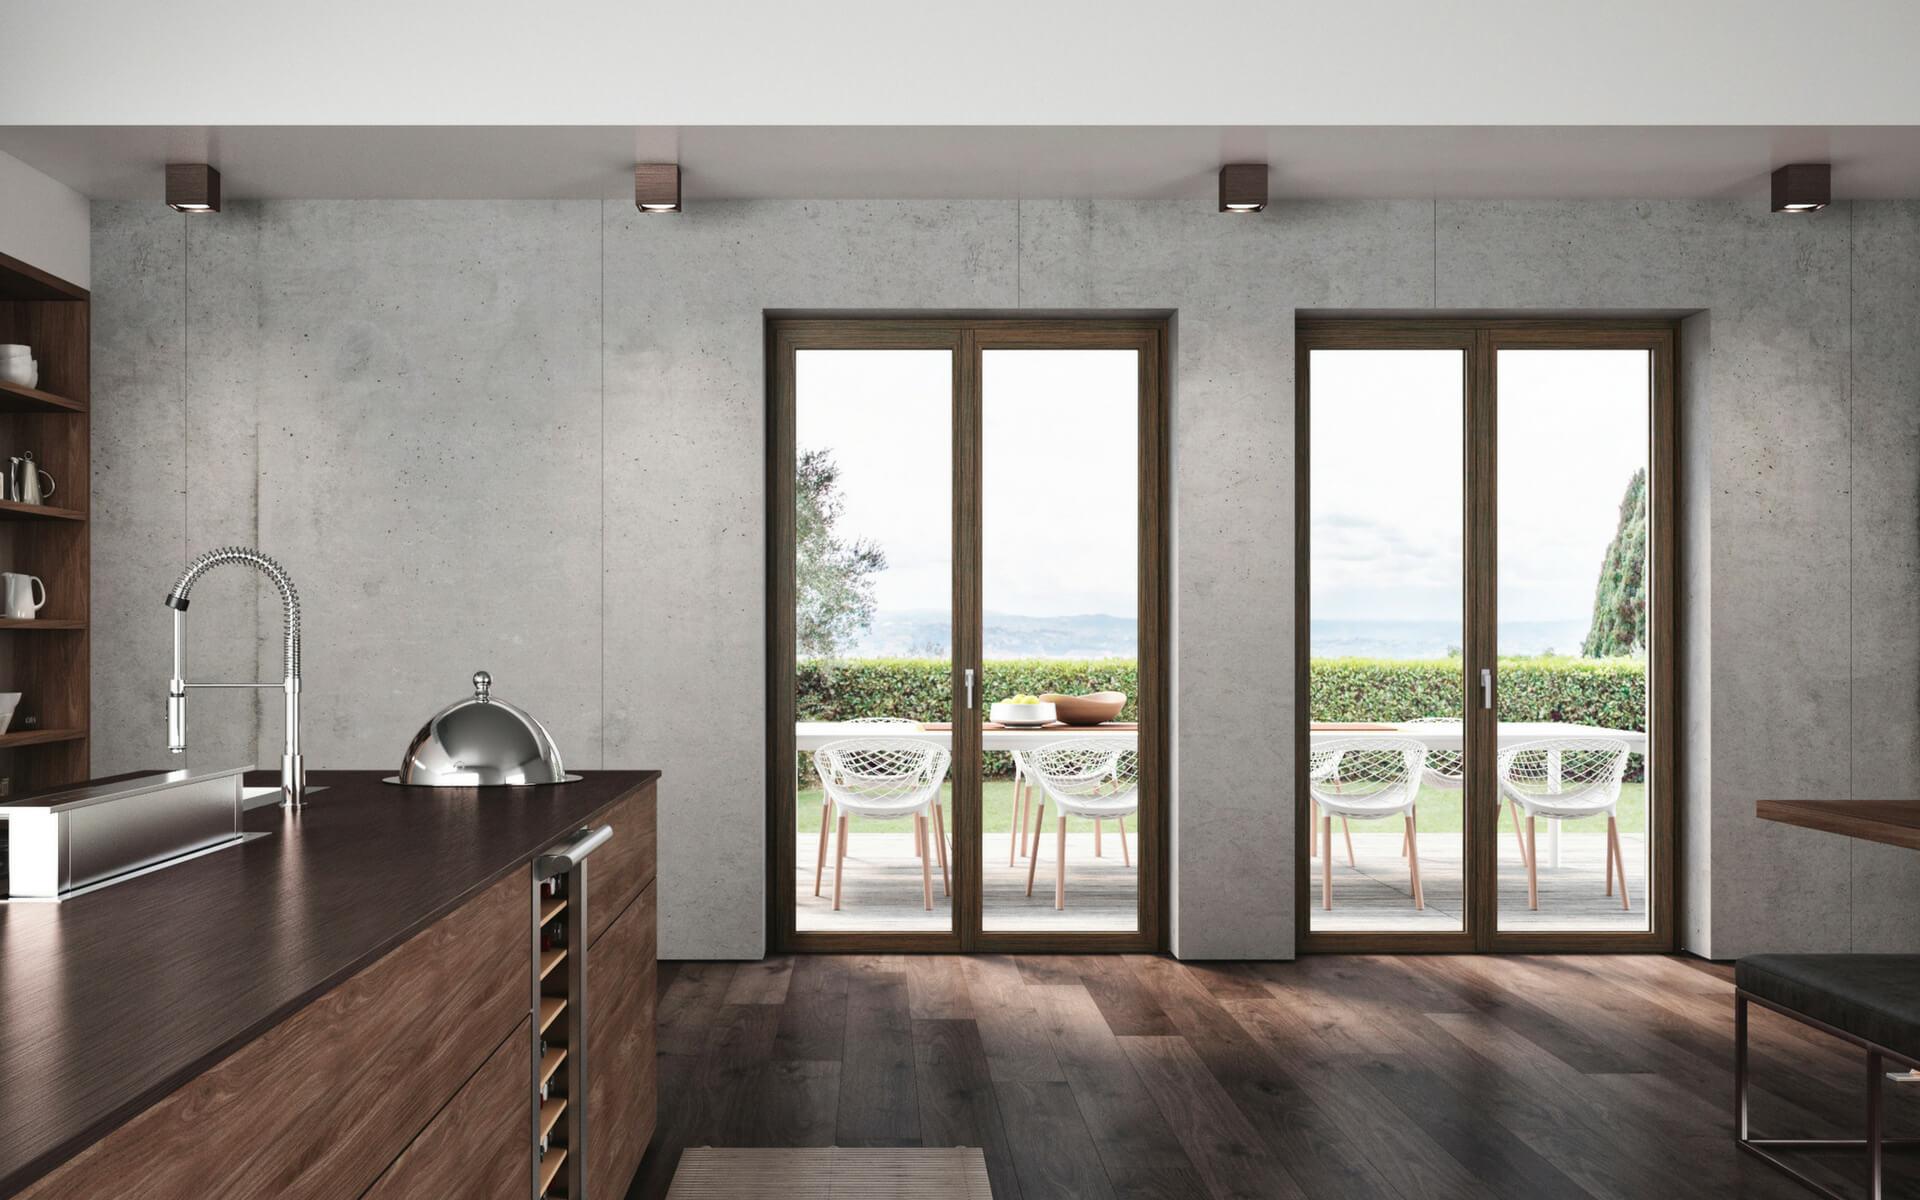 Le moderne finestre in pvc e legno rappresentano una novità assoluta e una soluzione innovativa grazie al mix di isolamento e design